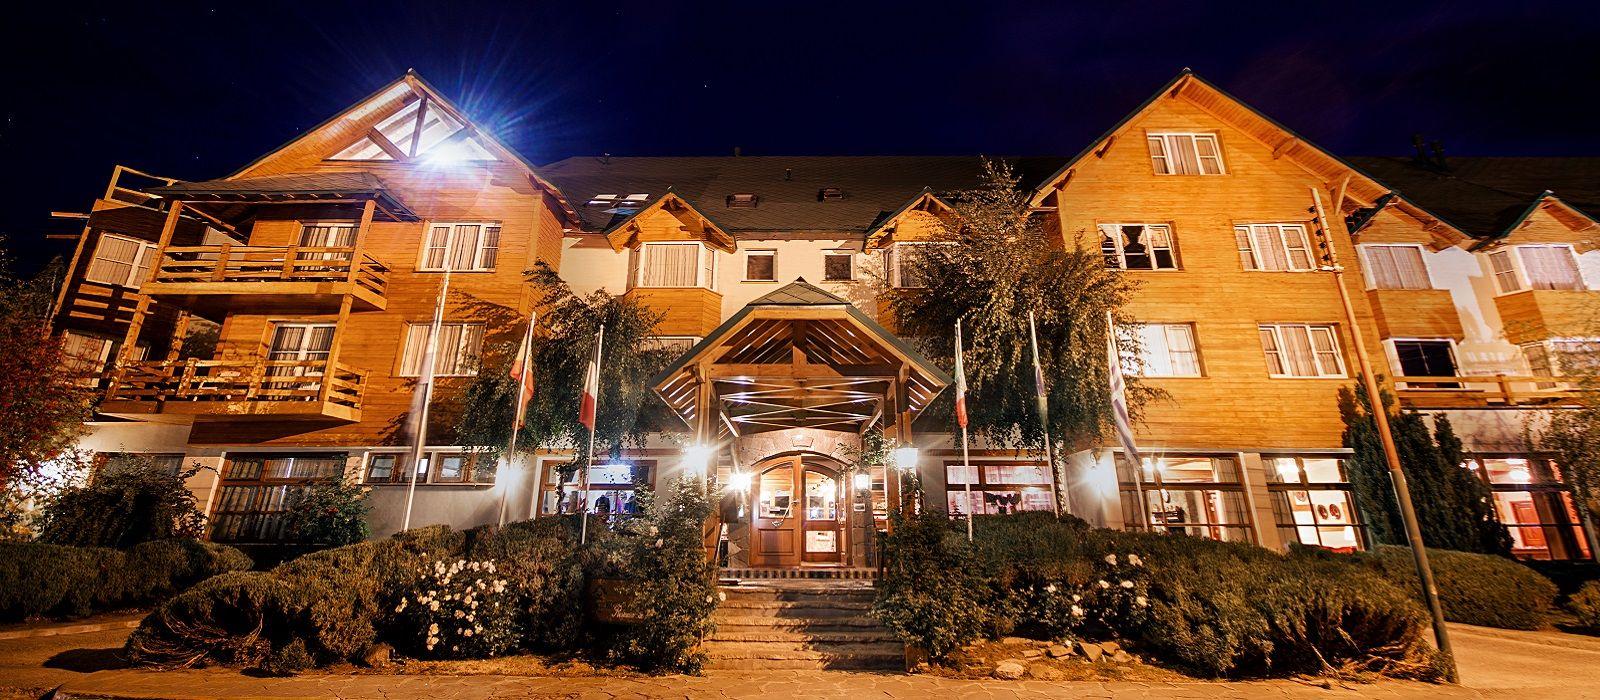 Hotel Kosten Aike Argentina